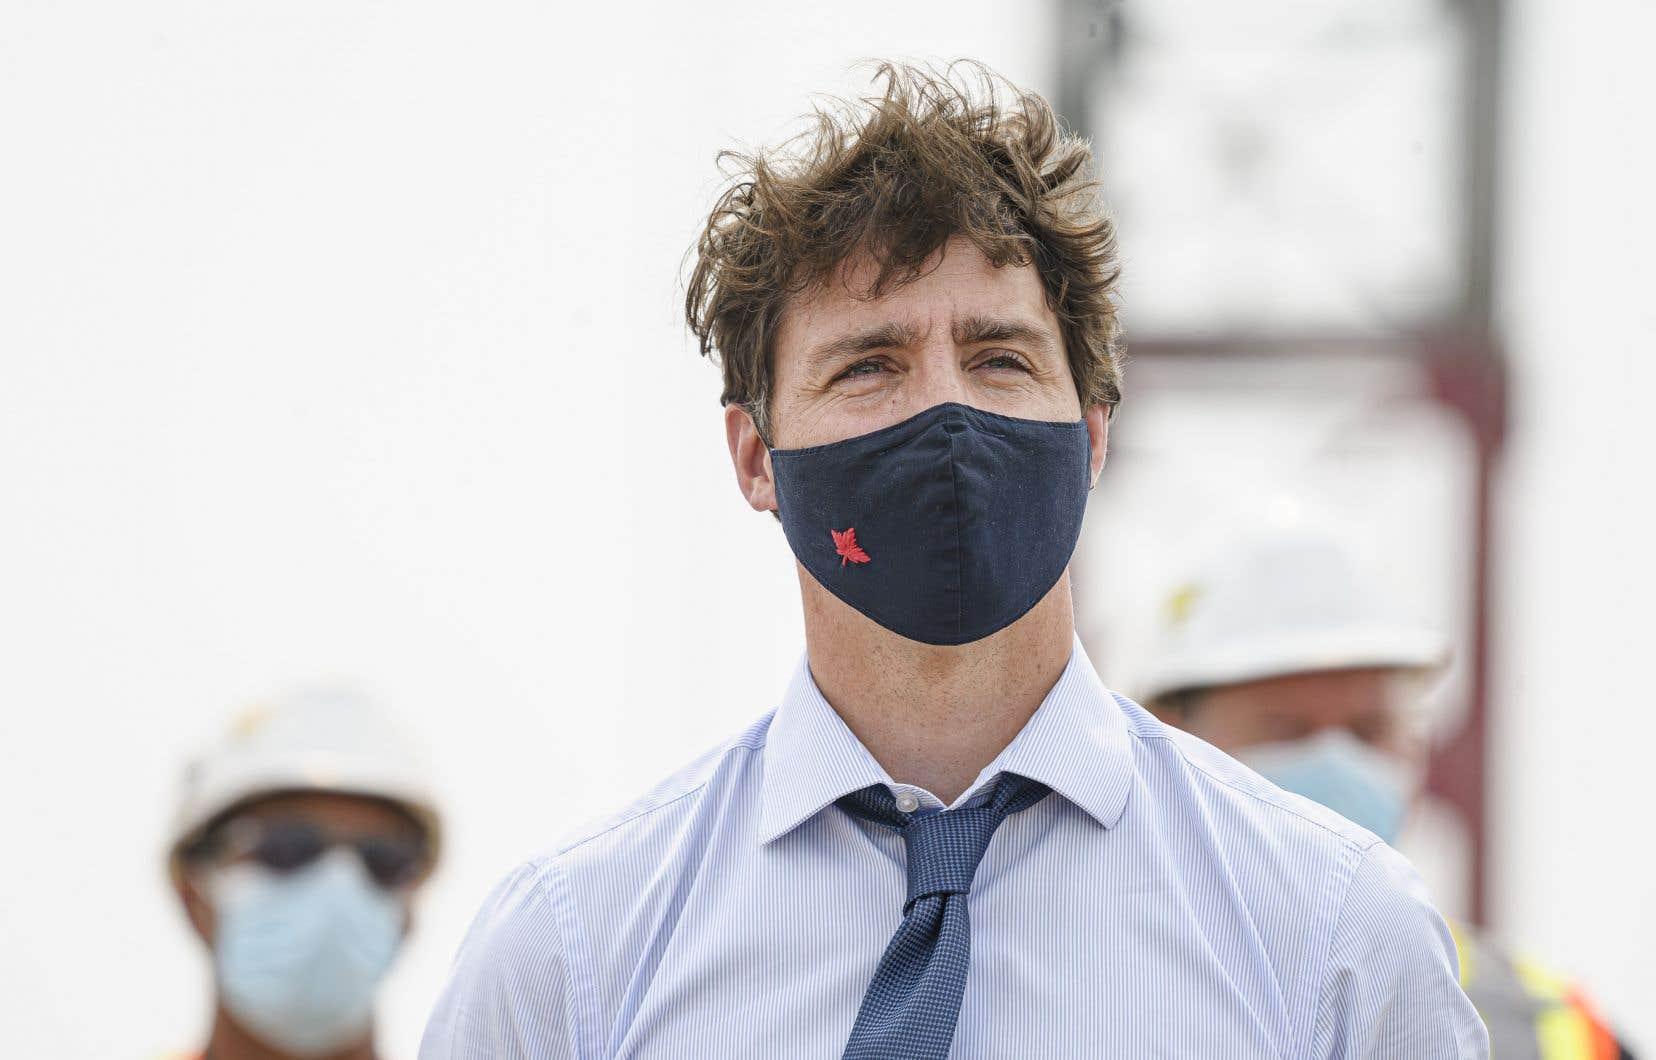 «Je pense que le [Canadien] a des explications à offrir aux Montréalais et aux fans à travers le pays», a déclaré M.Trudeau en conférence de presse mardi.